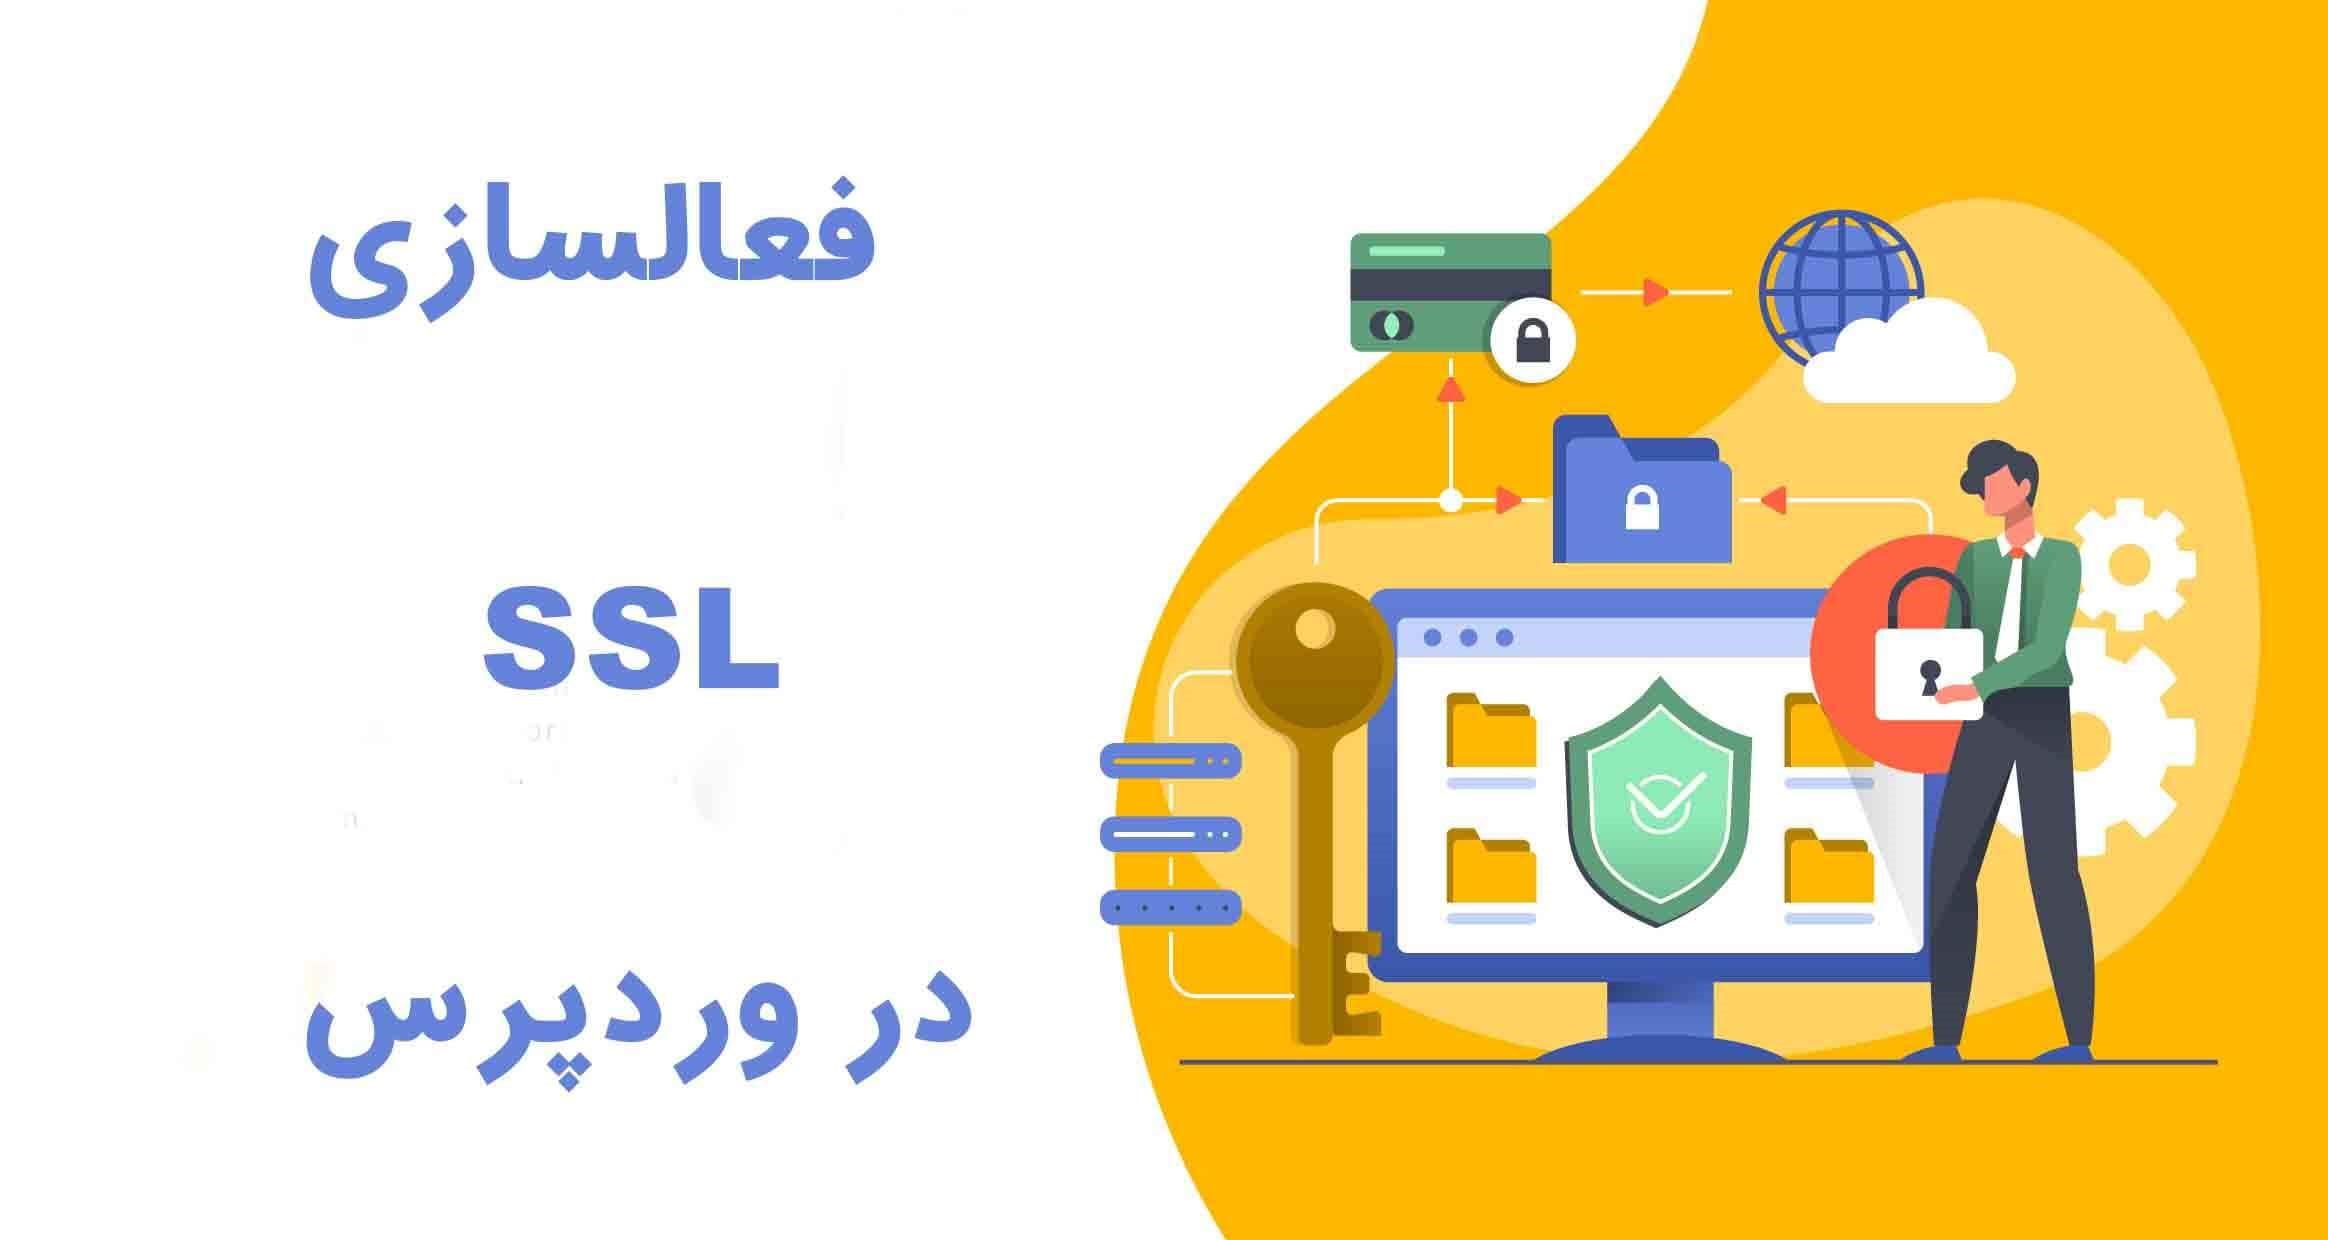 نحوه فعالسازی SSL در سایتهای وردپرسی